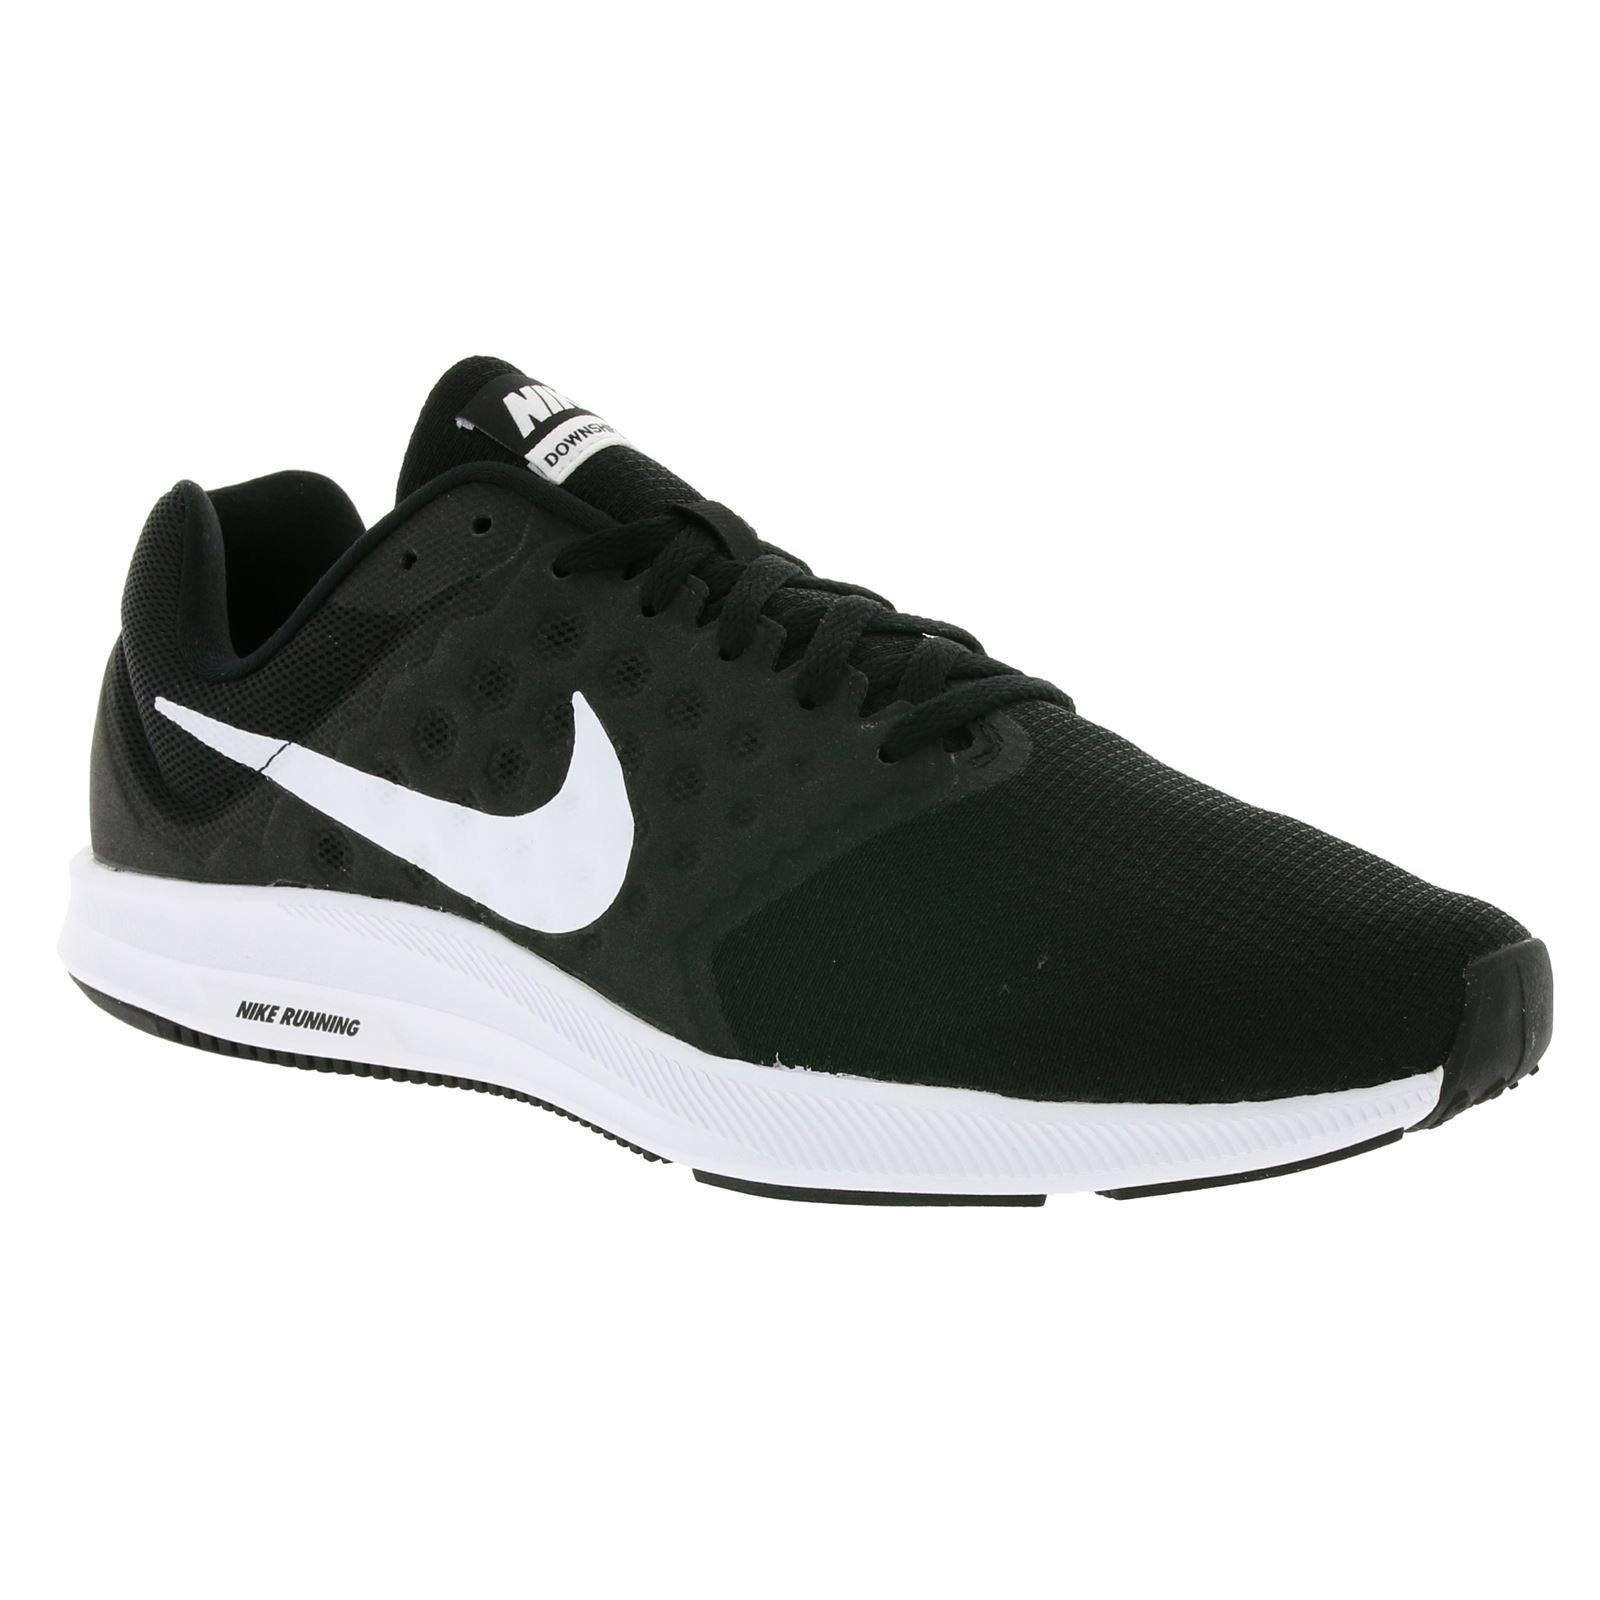 Nike LaufschuheSchwarzblackwhite Herren Nike Herren Downshifter Downshifter 8 8 LaufschuheSchwarzblackwhite Nike Herren iZukPX